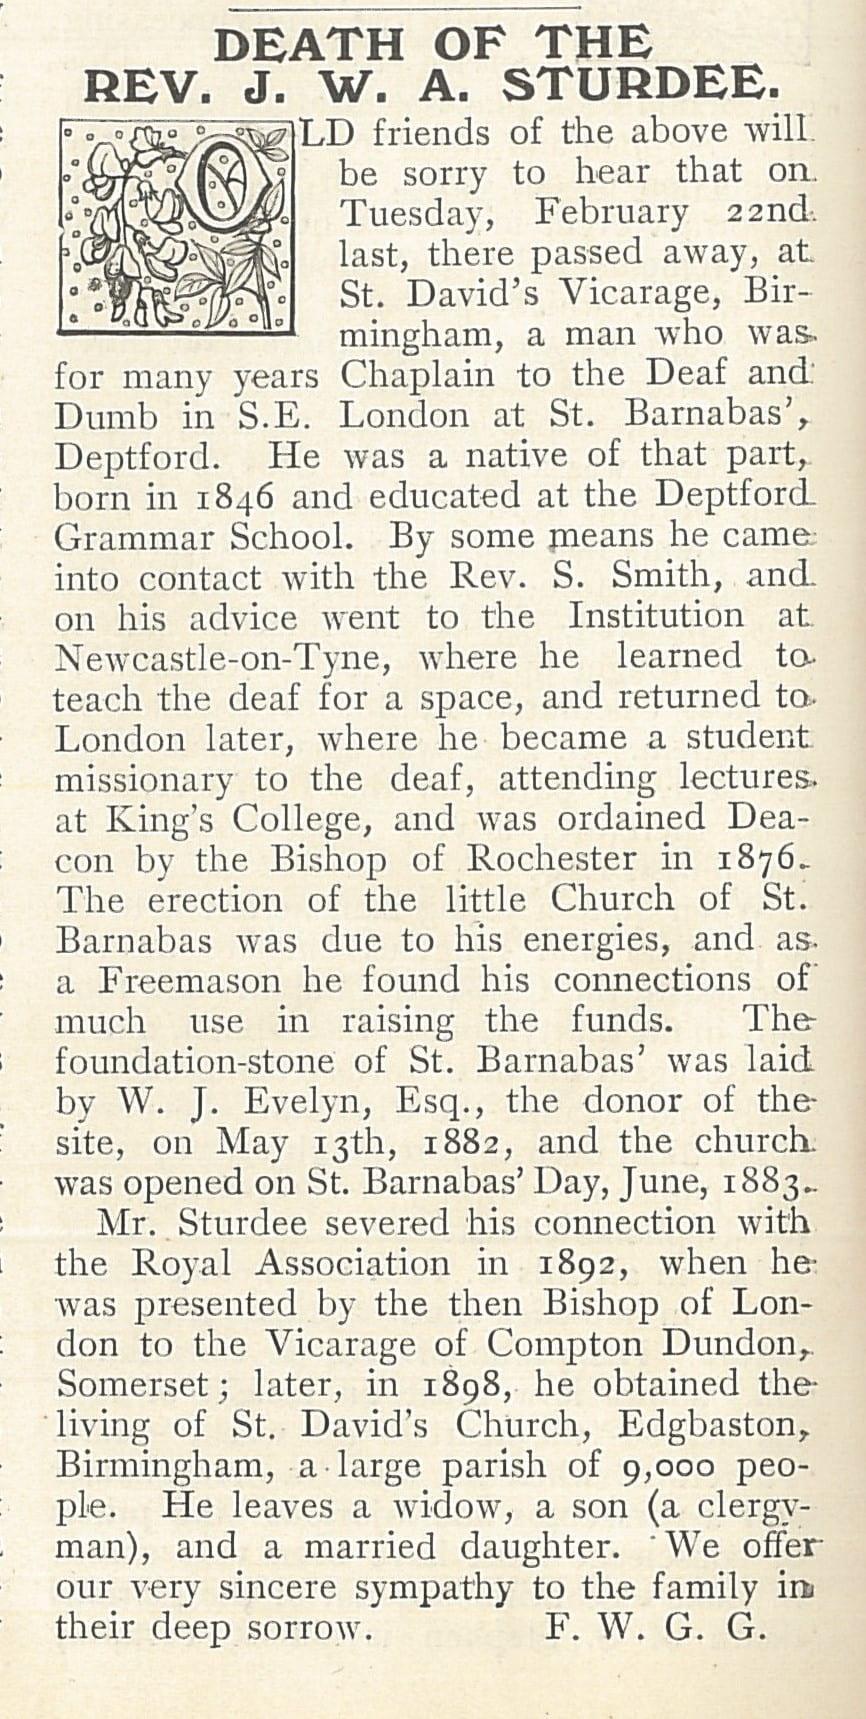 Sturdee obituary 1910 Ephphatha p.78